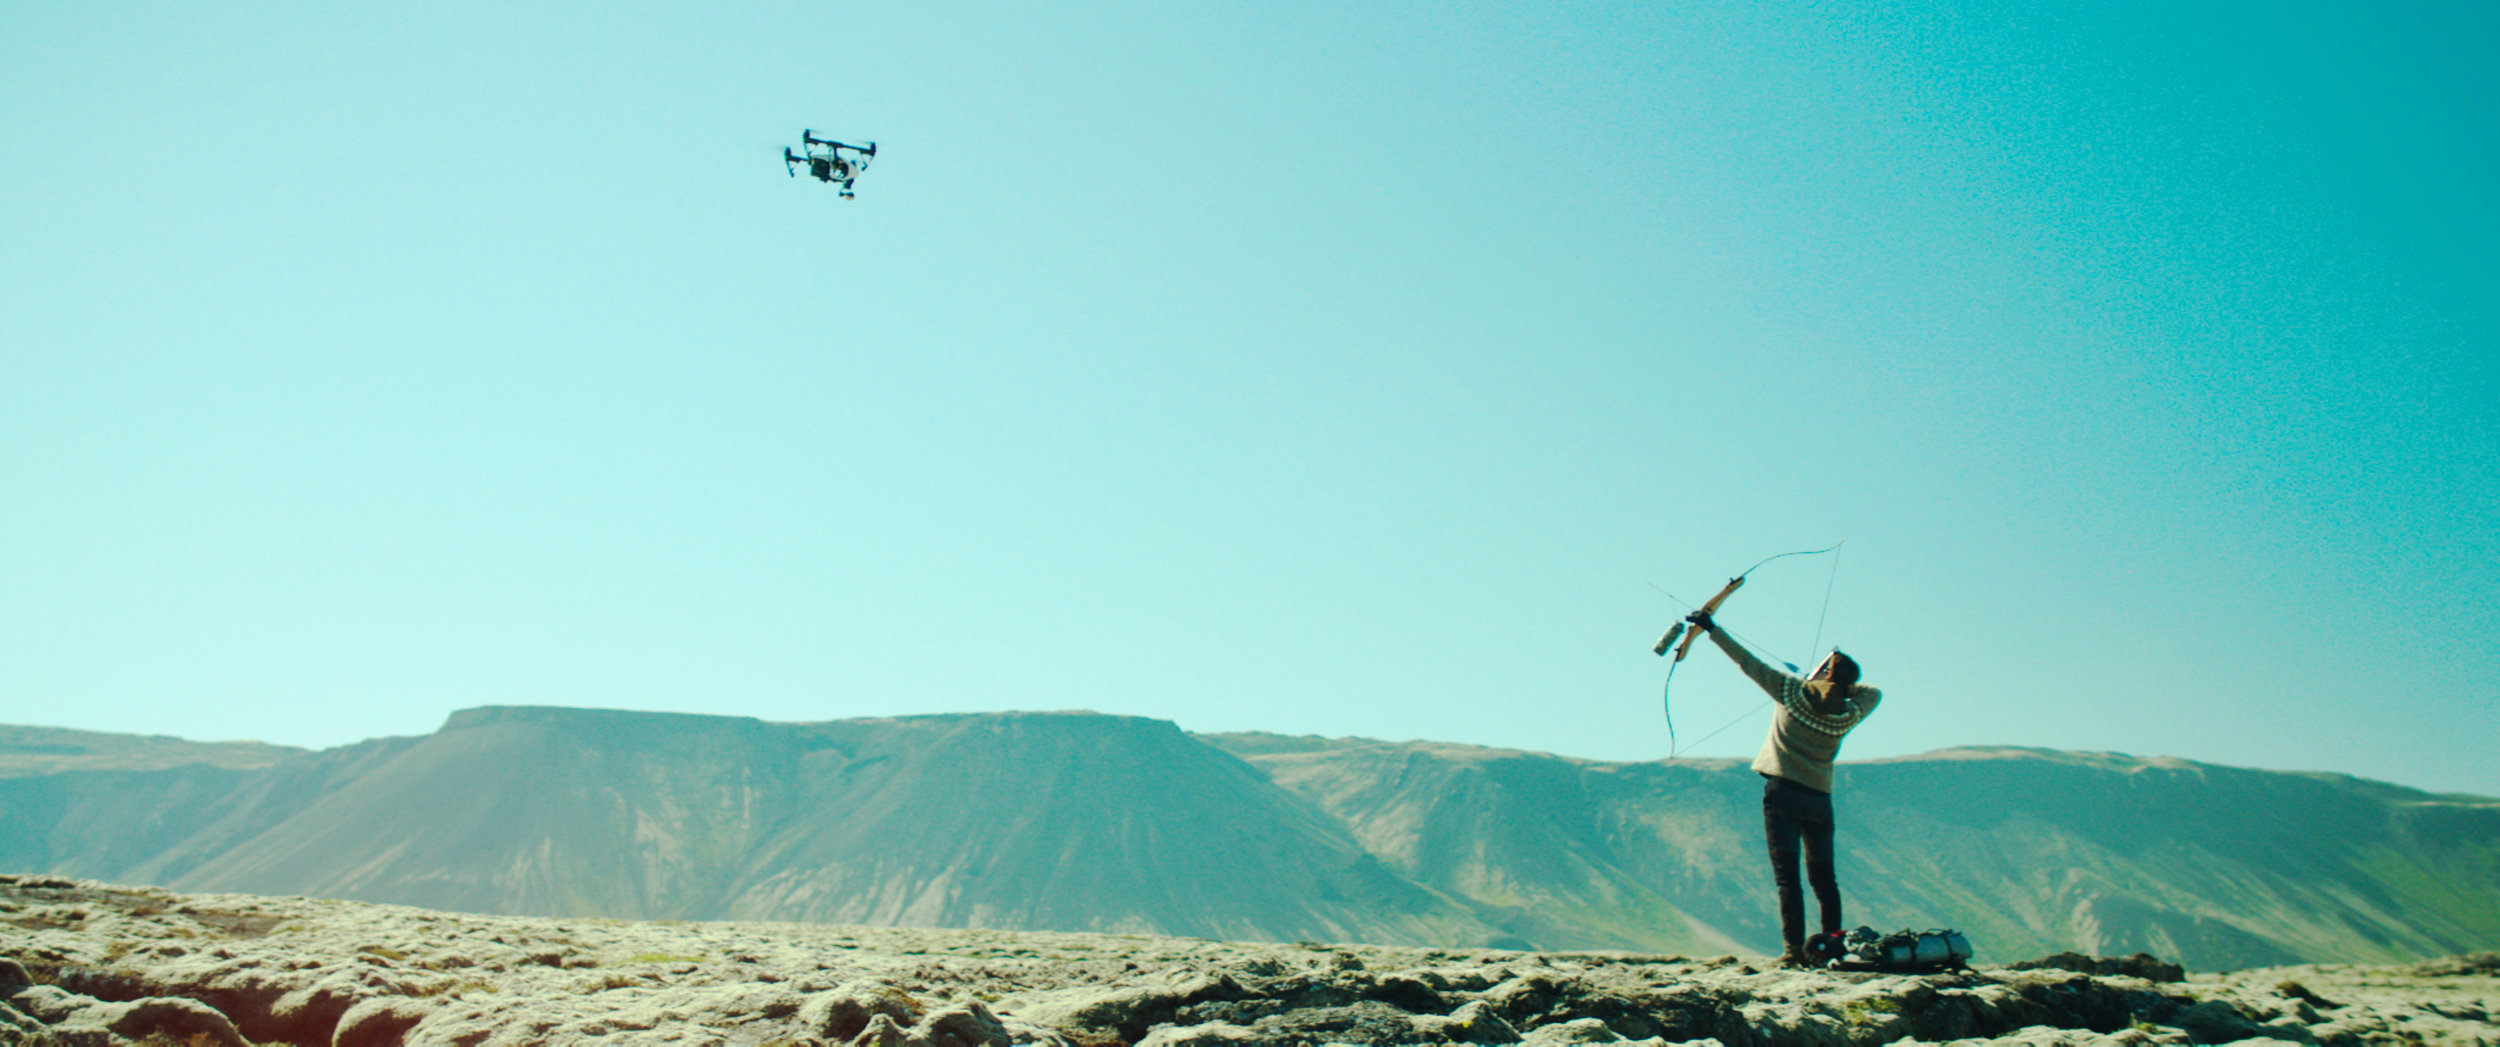 Miljøaktivisten Halla (Halldóra Geirharðsdóttir) slåss mot dronen som politiet bruker for å avsløre hvem og hvor hun er. (Foto: Arthaus)